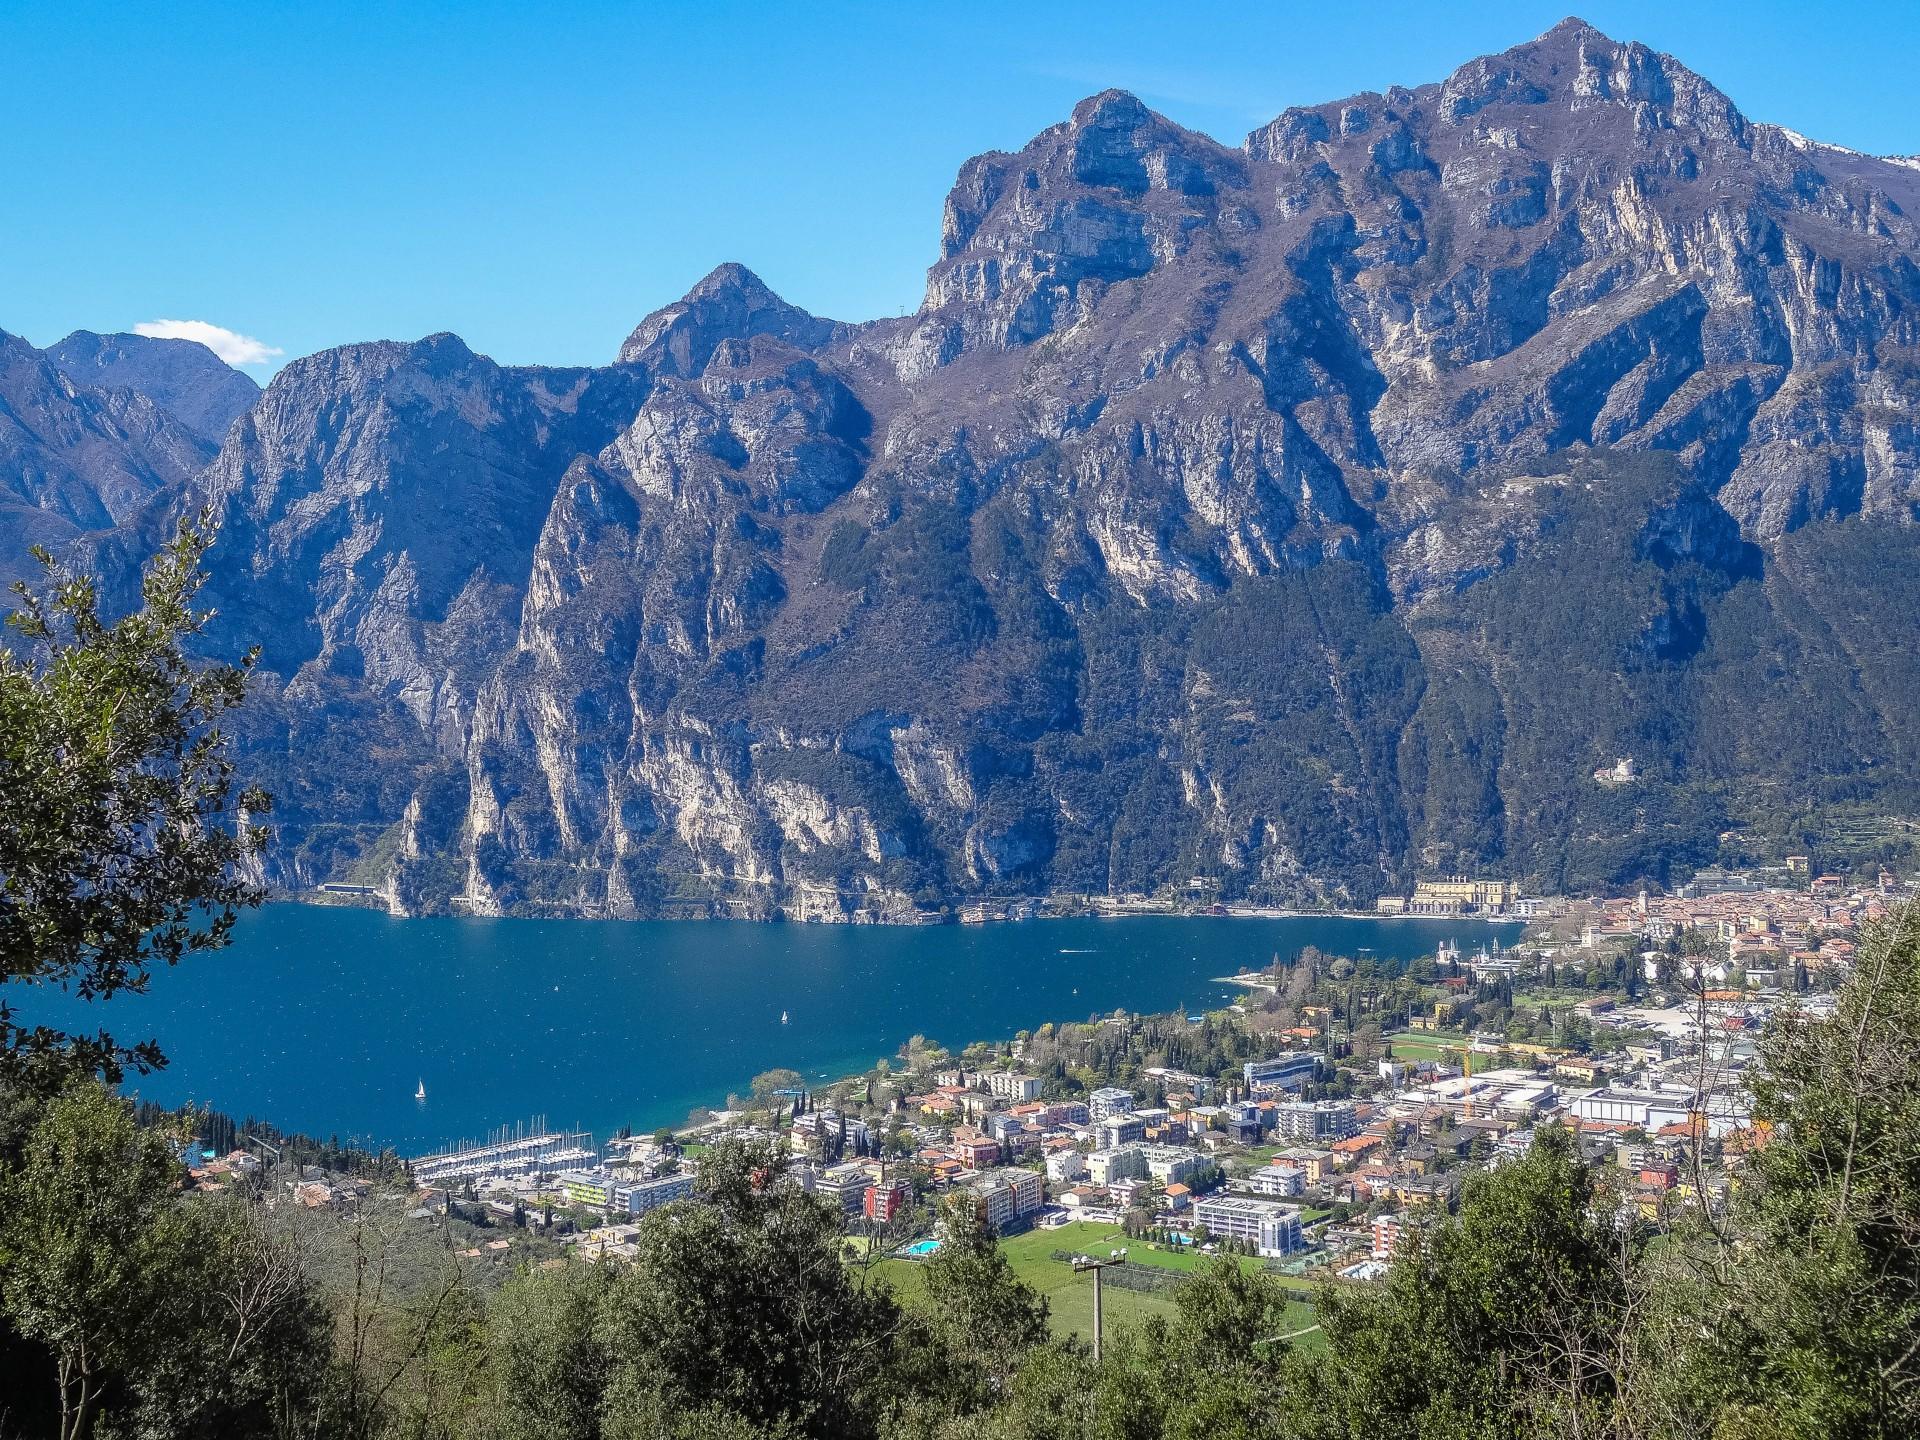 Gardasee Sehenswurdigkeiten 7 Top Spots Am Nordende